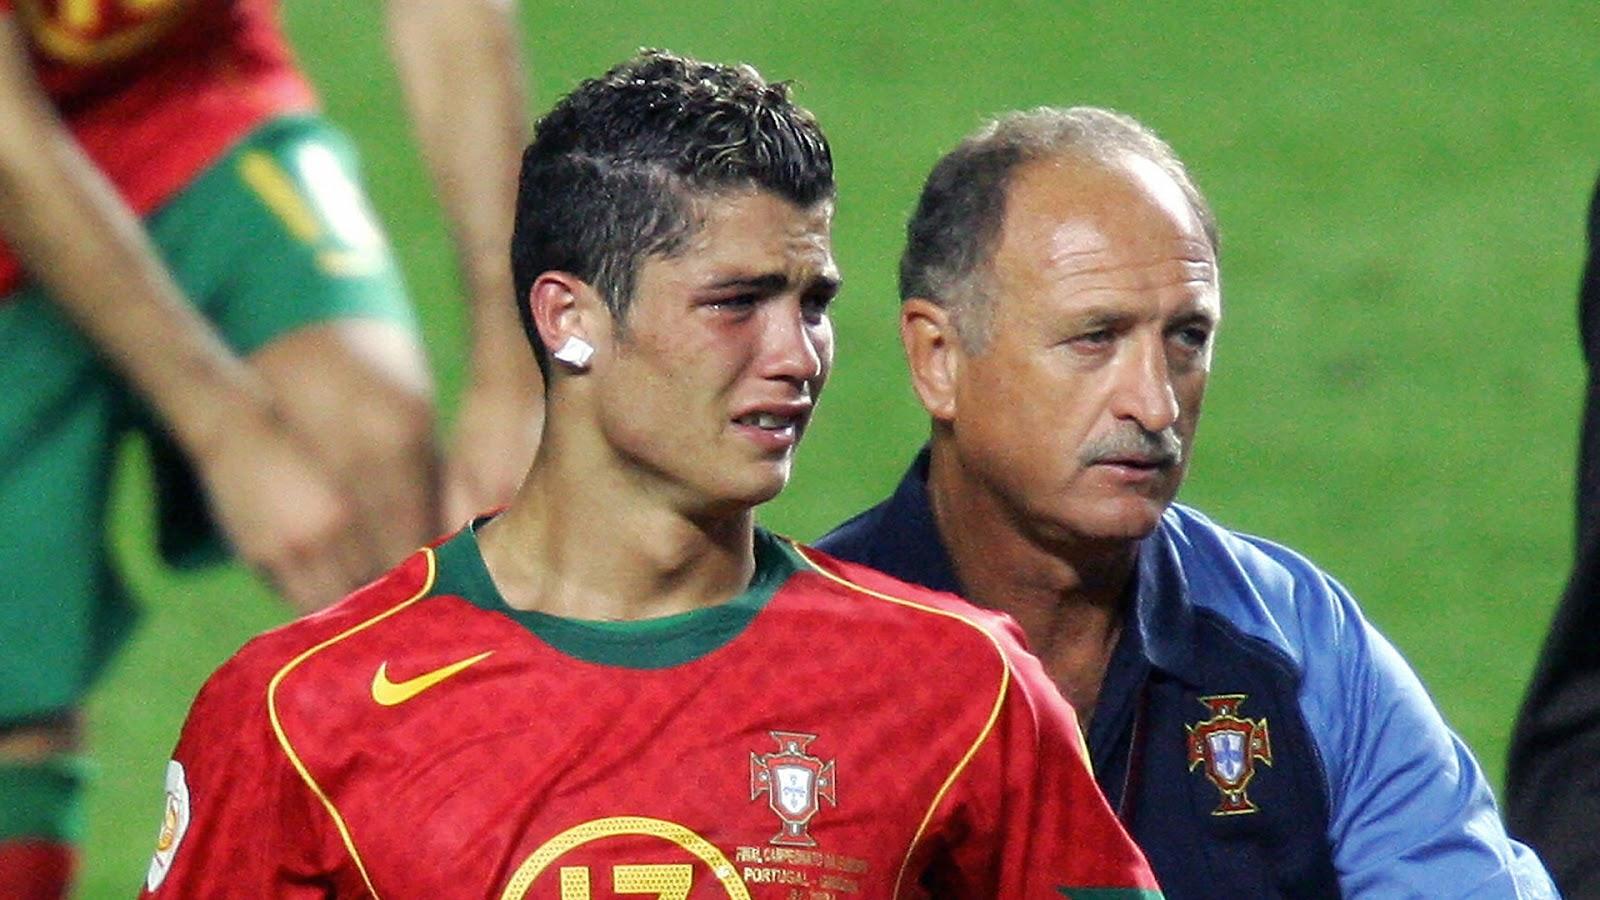 Фото Криштиану Роналду после финала Евро-2004